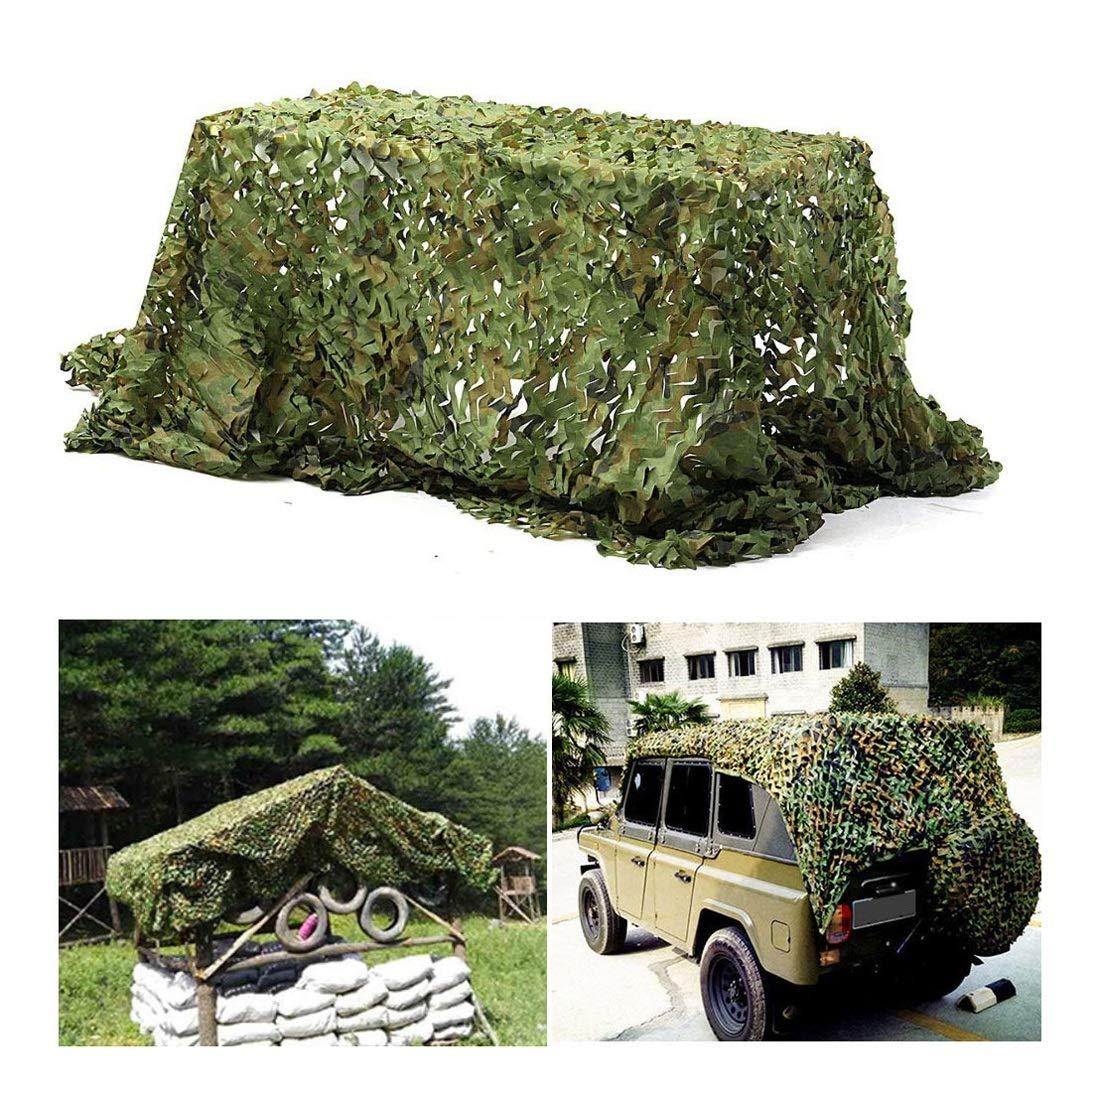 44M(13.113.1ft) Le Filet de Camouflage de Jungle, Tissu d'Oxford Est Dense Et Vigoureux, Approprié à la Décoration de Parasol et de Jardin de Camping Extérieur, Disponible dans Diverses Tailles